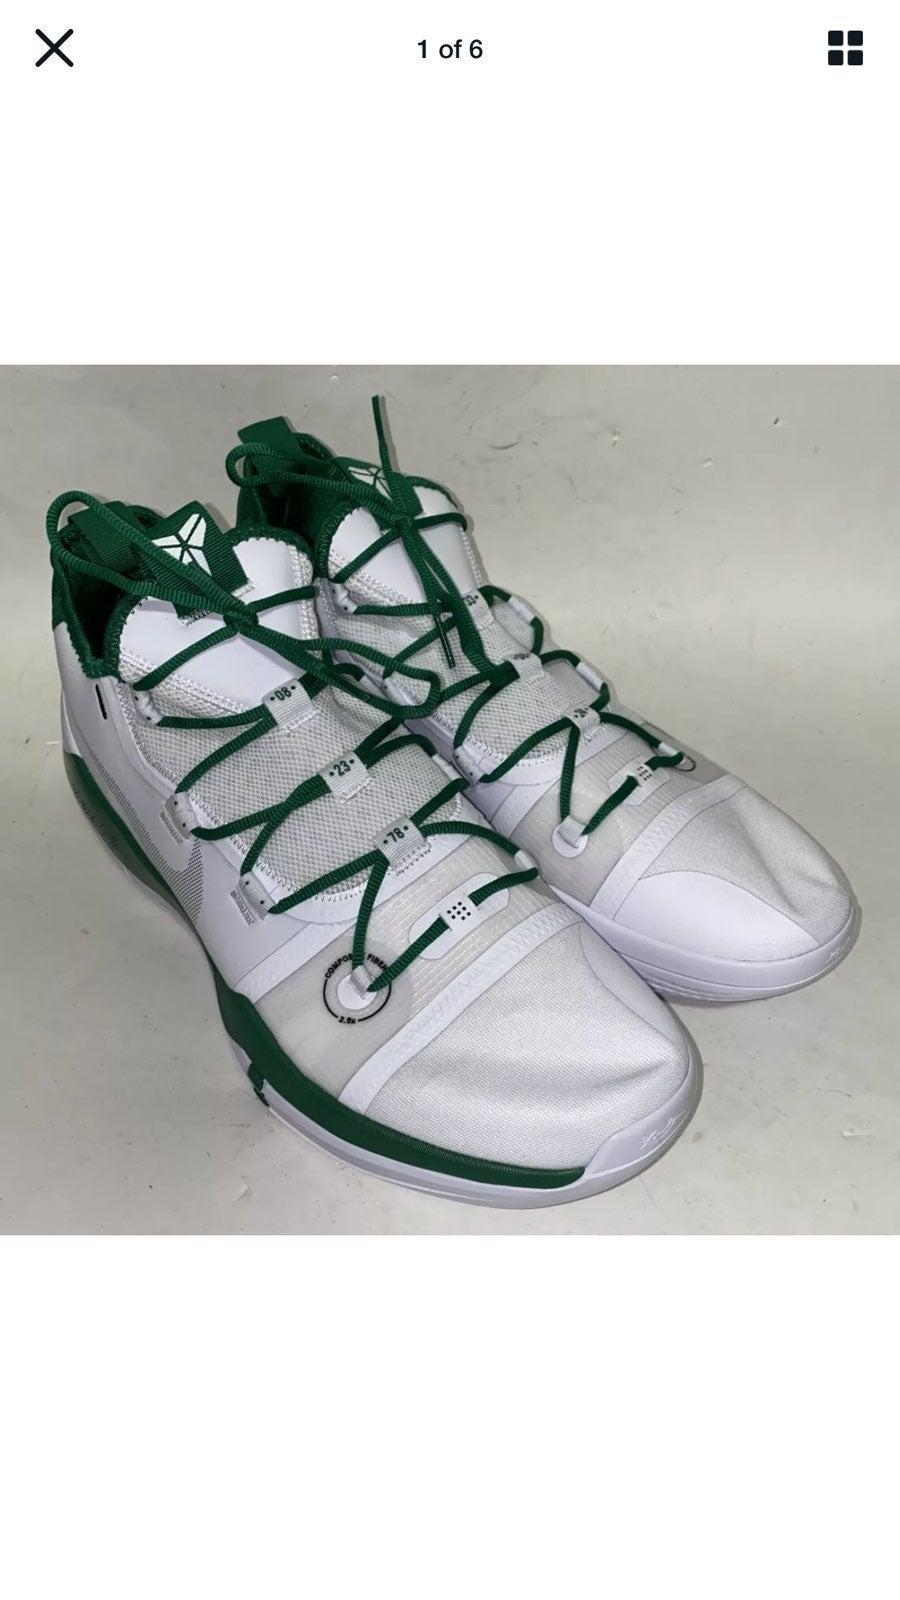 NEW Nike Kobe AD Exodus TB Team Shoes 14